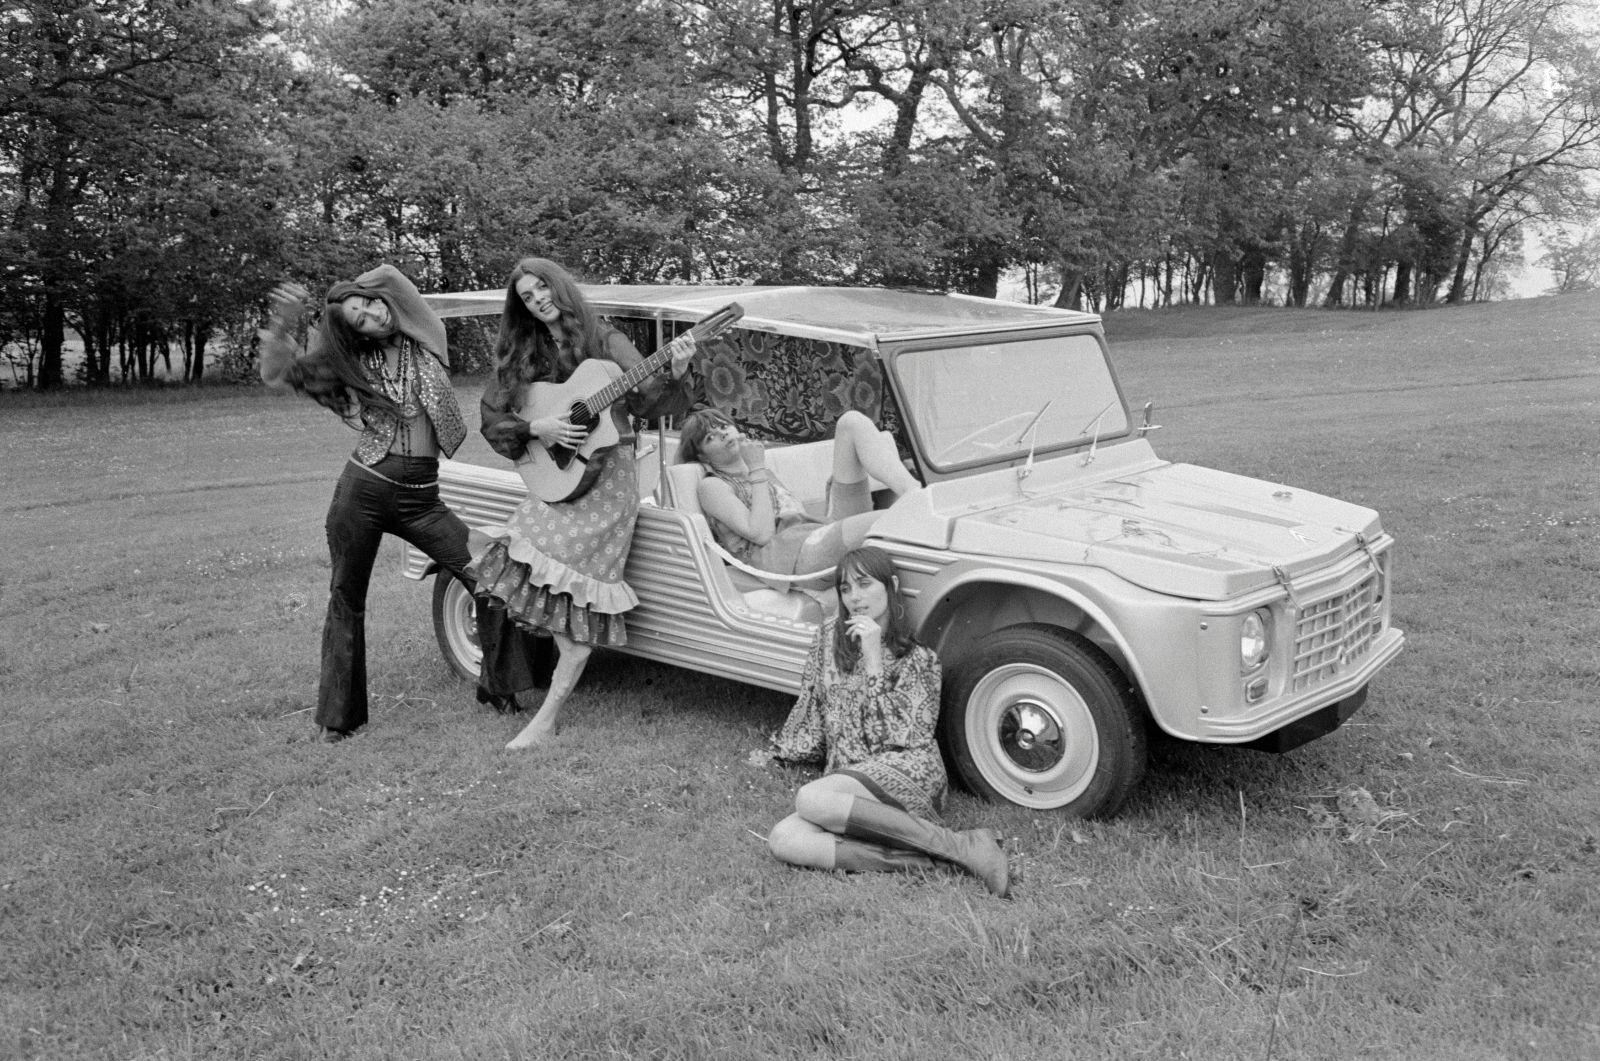 presentazione-mehari-deauville-16-maggio-1968-foto-9